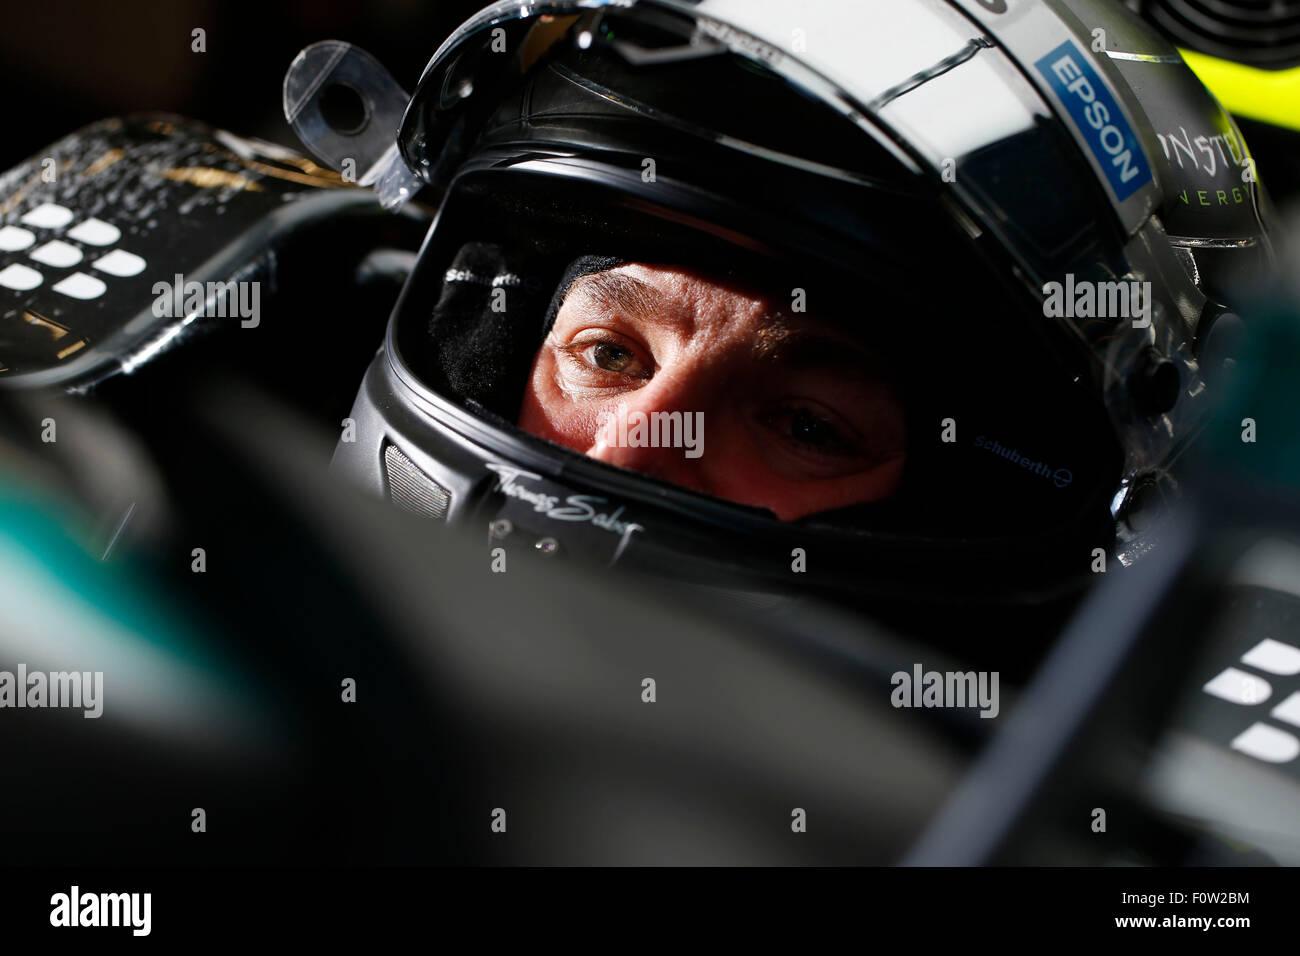 Circuit de Spa-Francorchamps, en Belgique. Août 21, 2015. Sport Automobile: Championnat du Monde de Formule Photo Stock